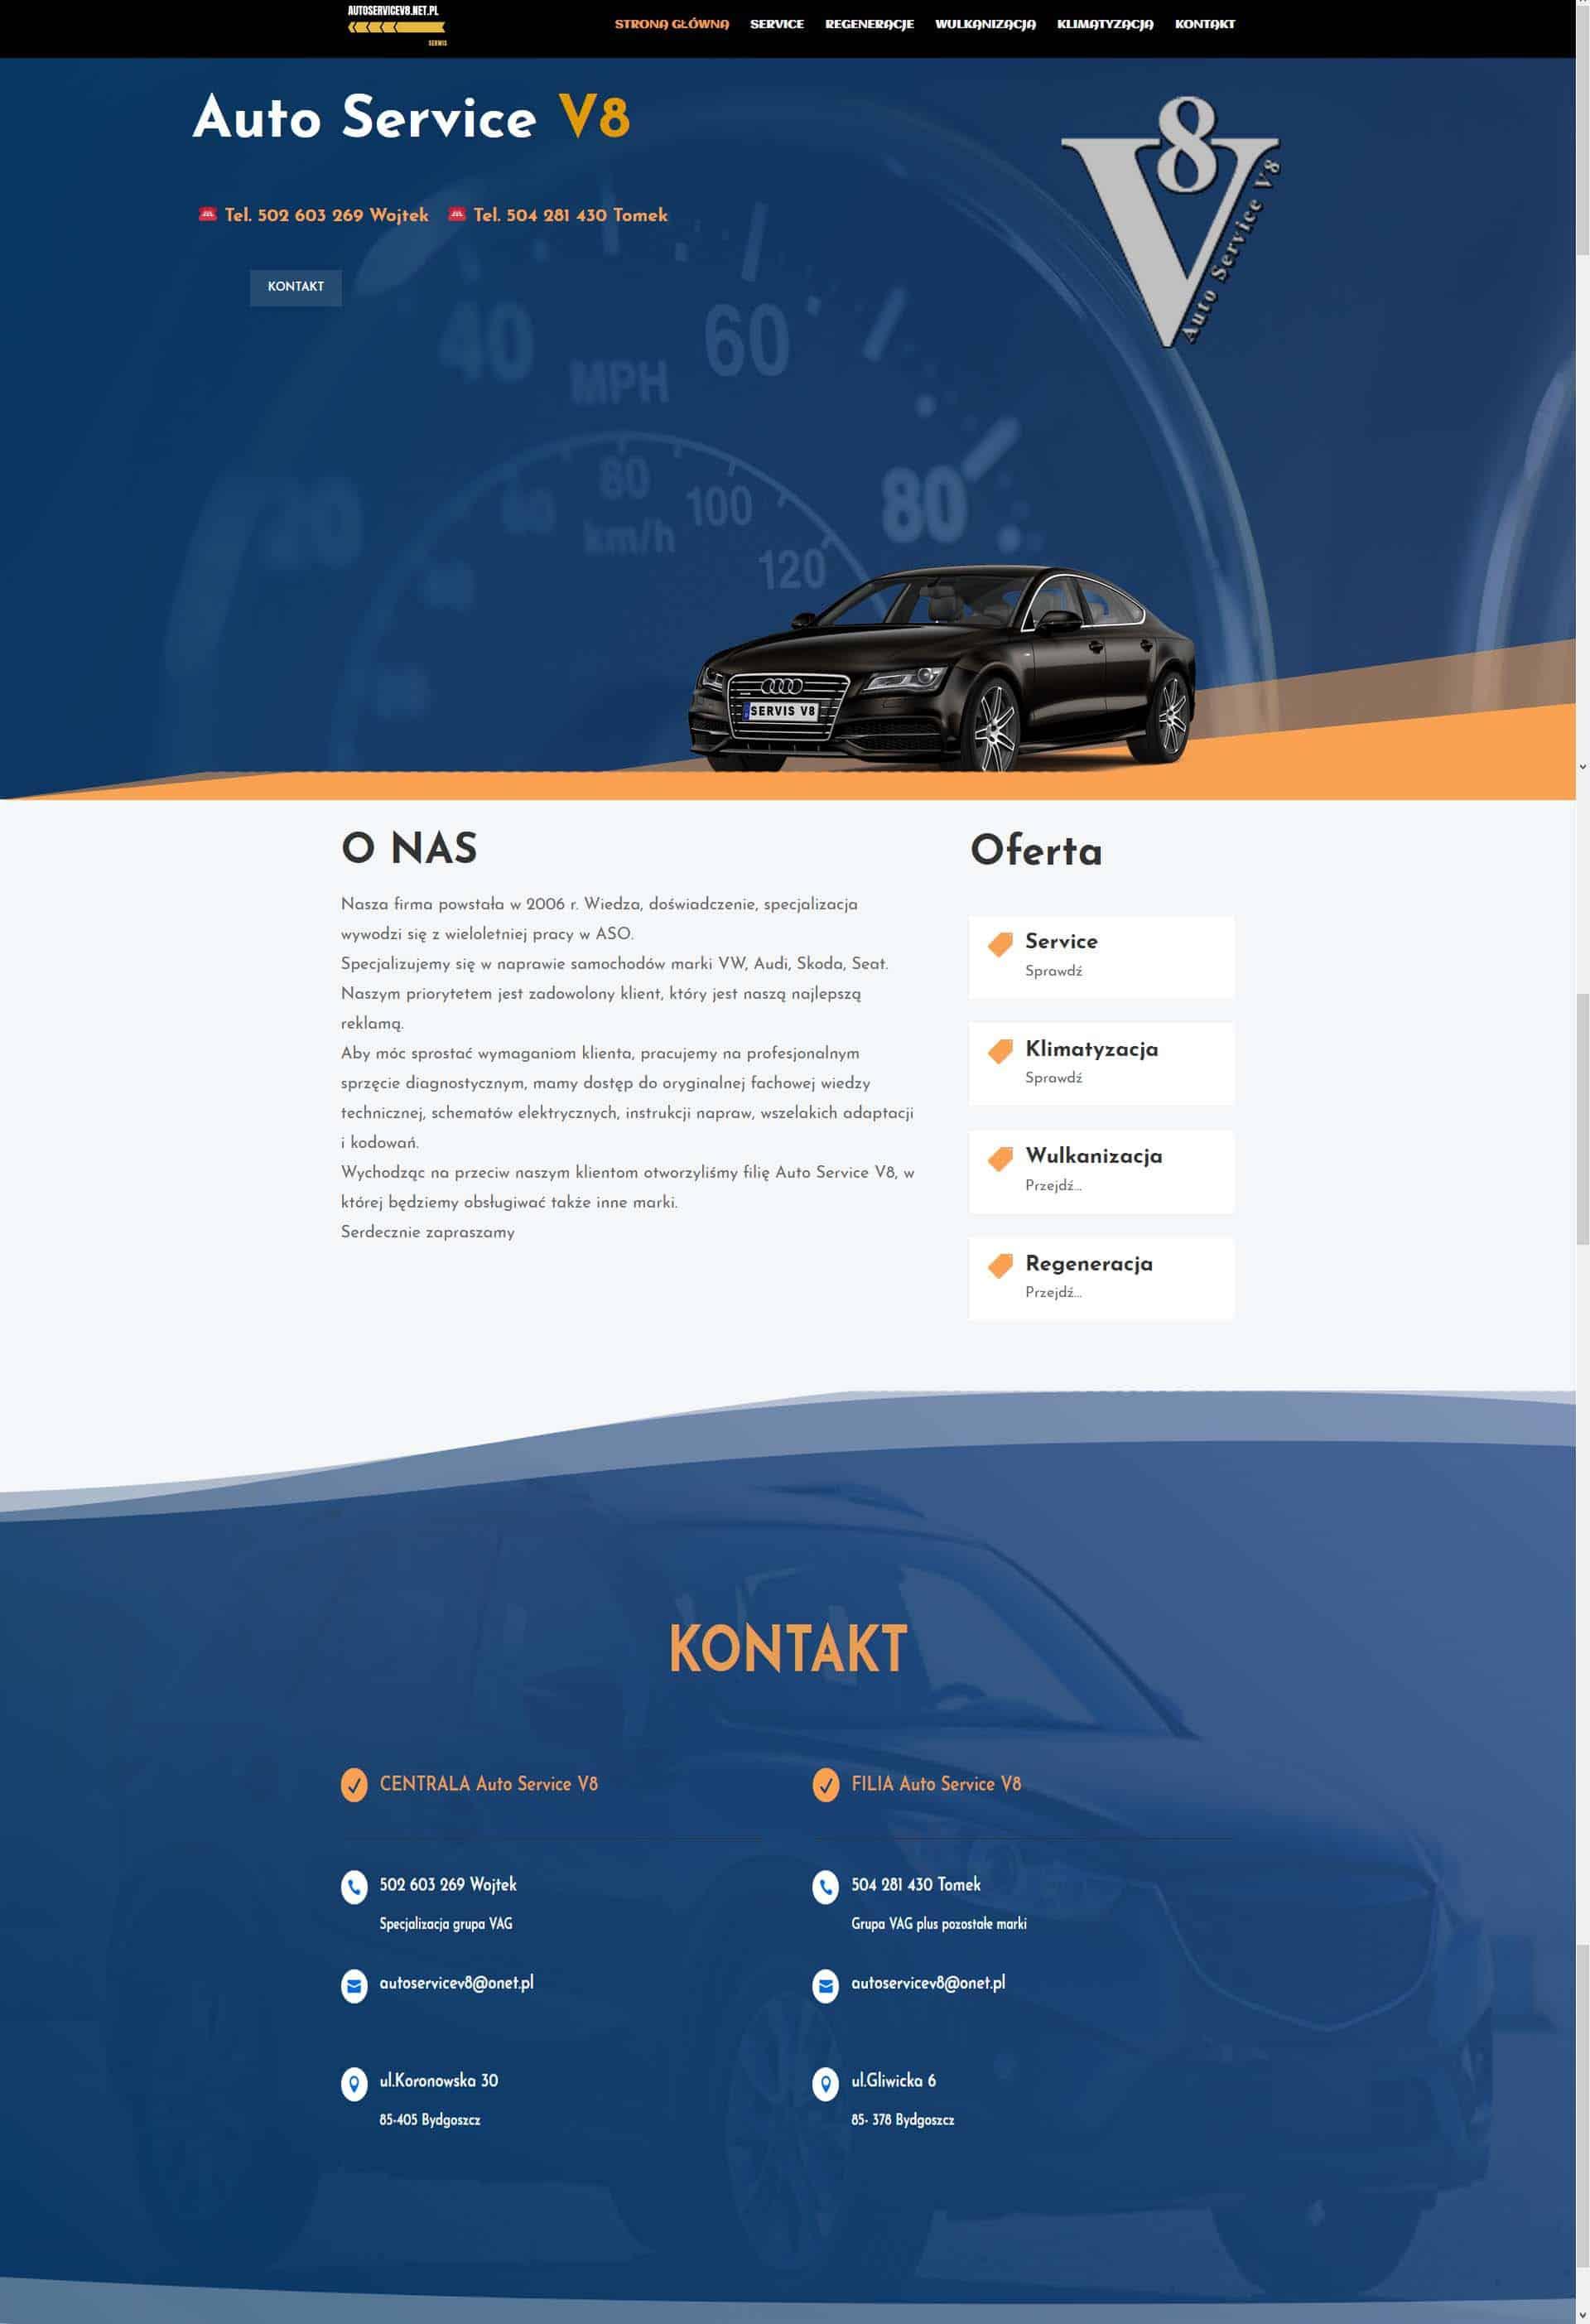 servicev8net - Nasze realizacje